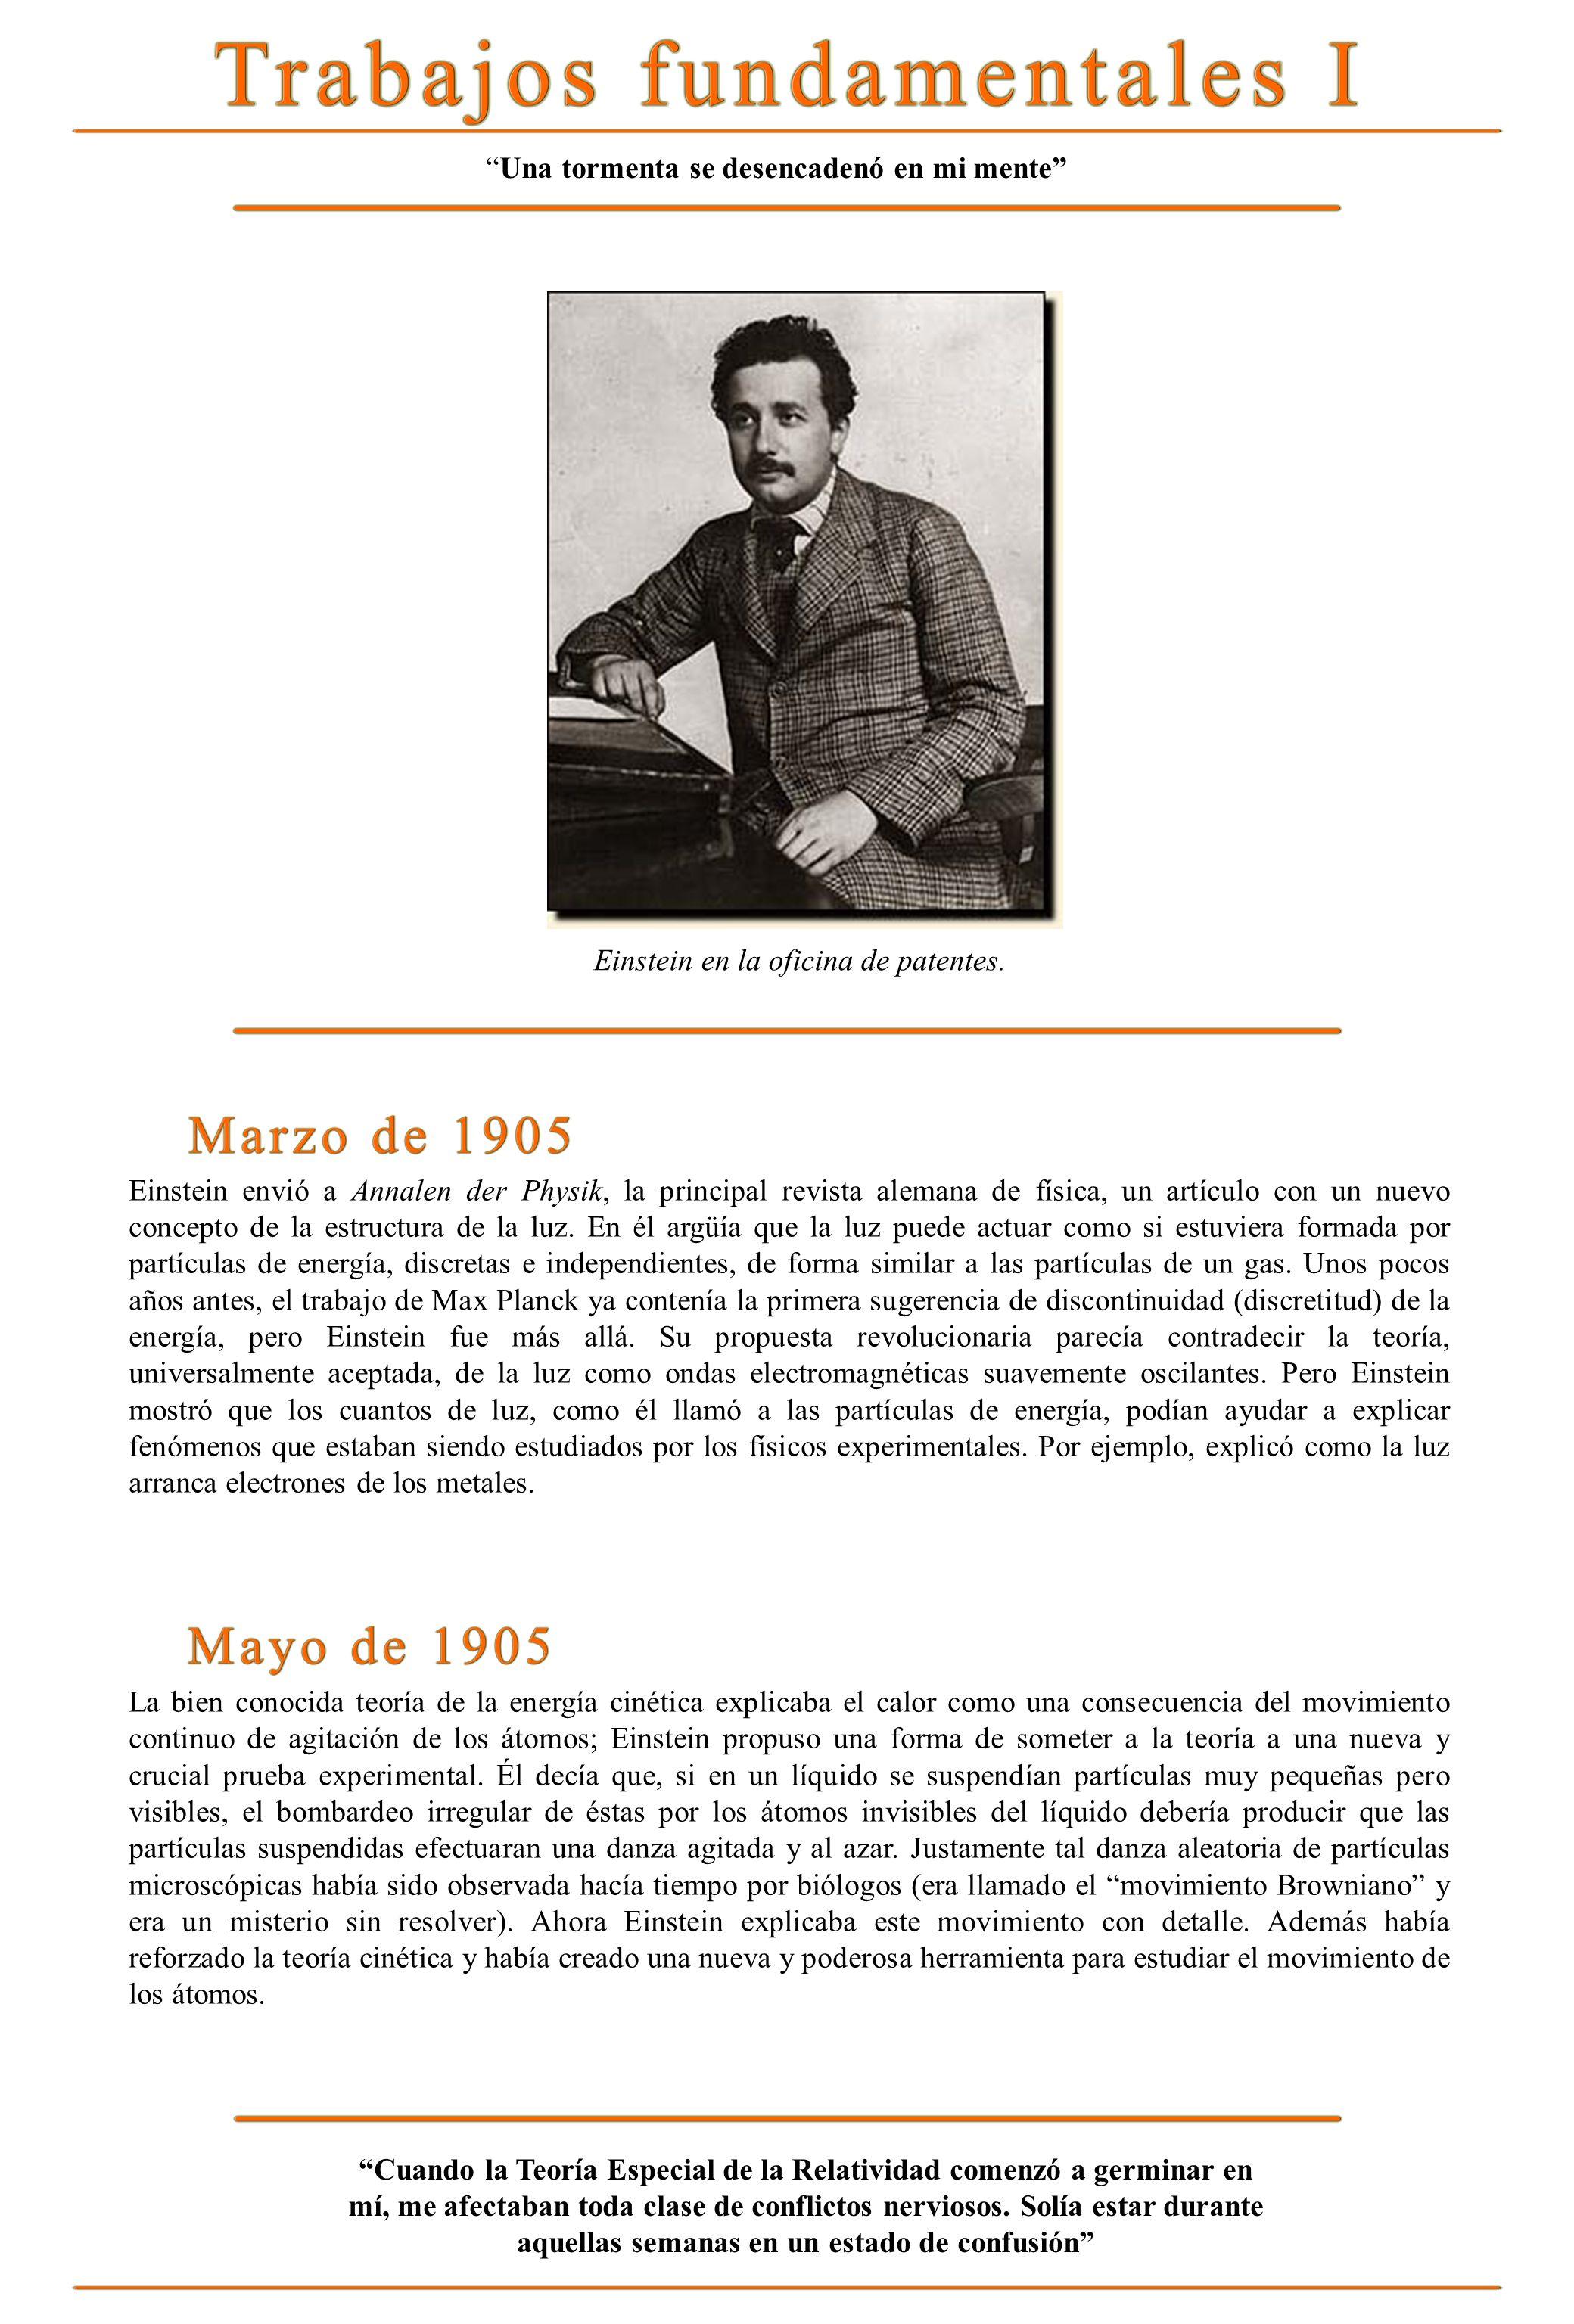 Einstein envió a Annalen der Physik un artículo sobre electromagnetismo y movimiento.